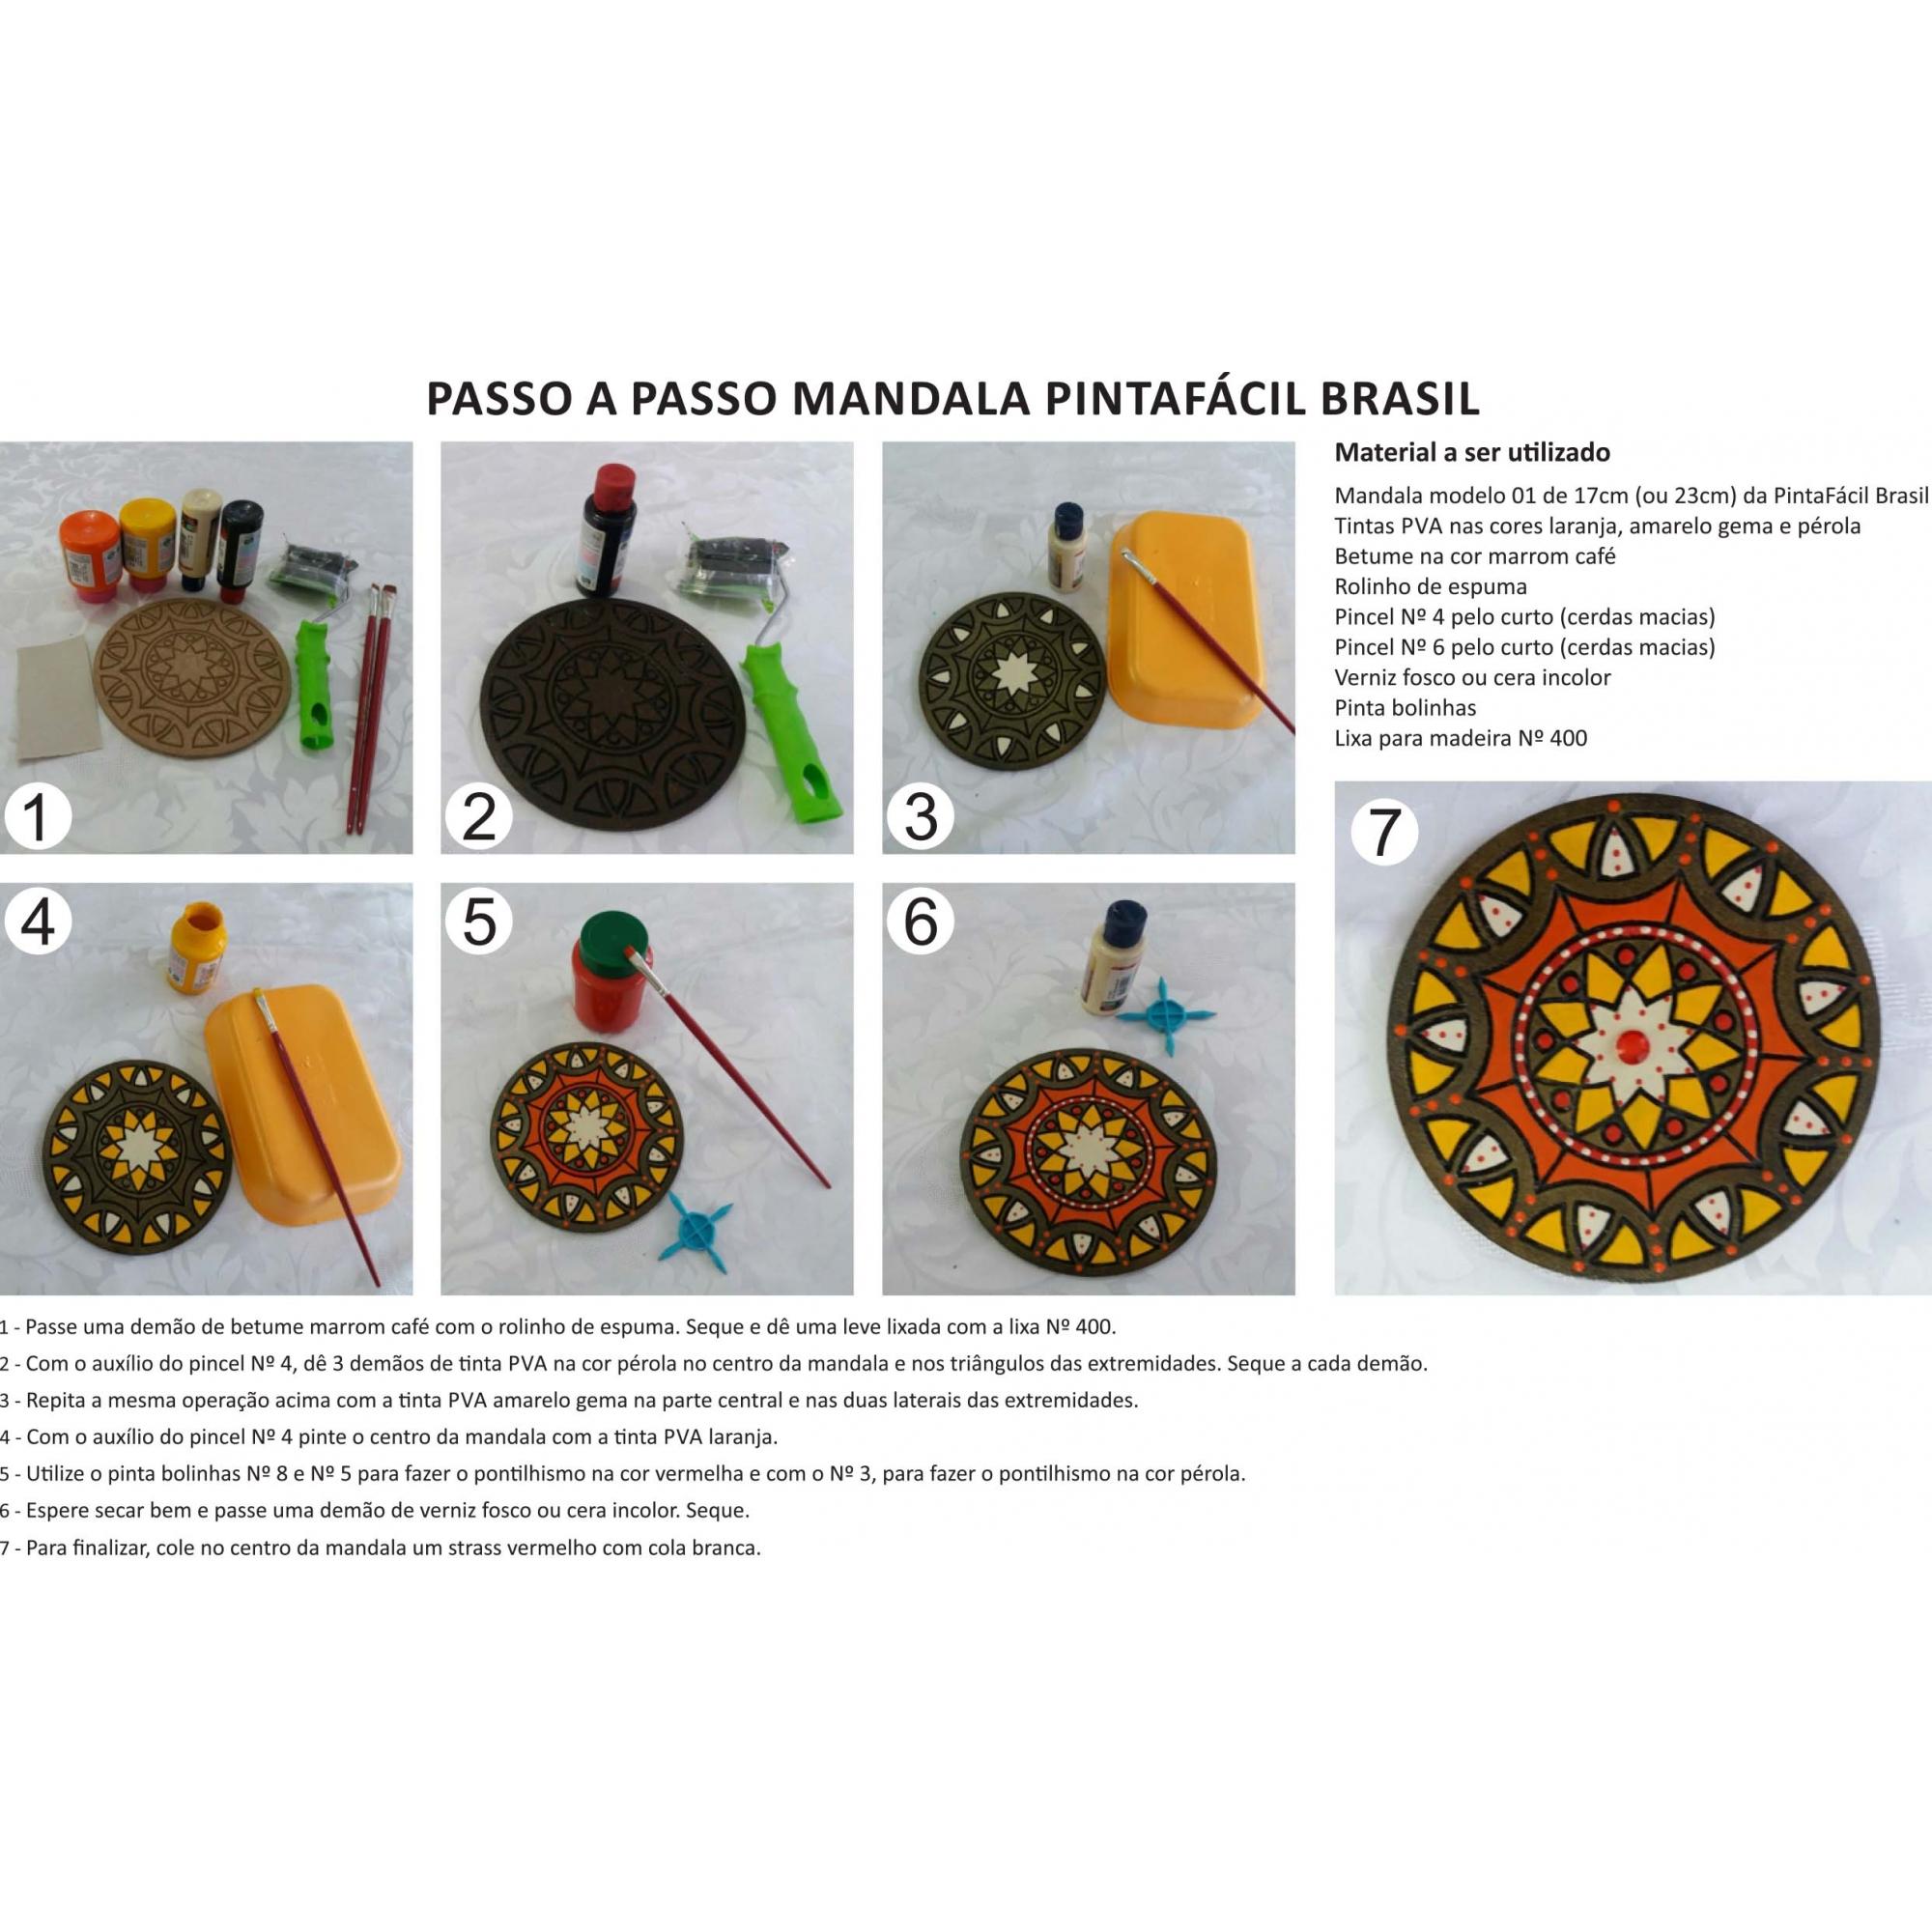 Kit 5 peças Mandala para Espelho Mdf Cru 33cm de Diâmetro para Pintar